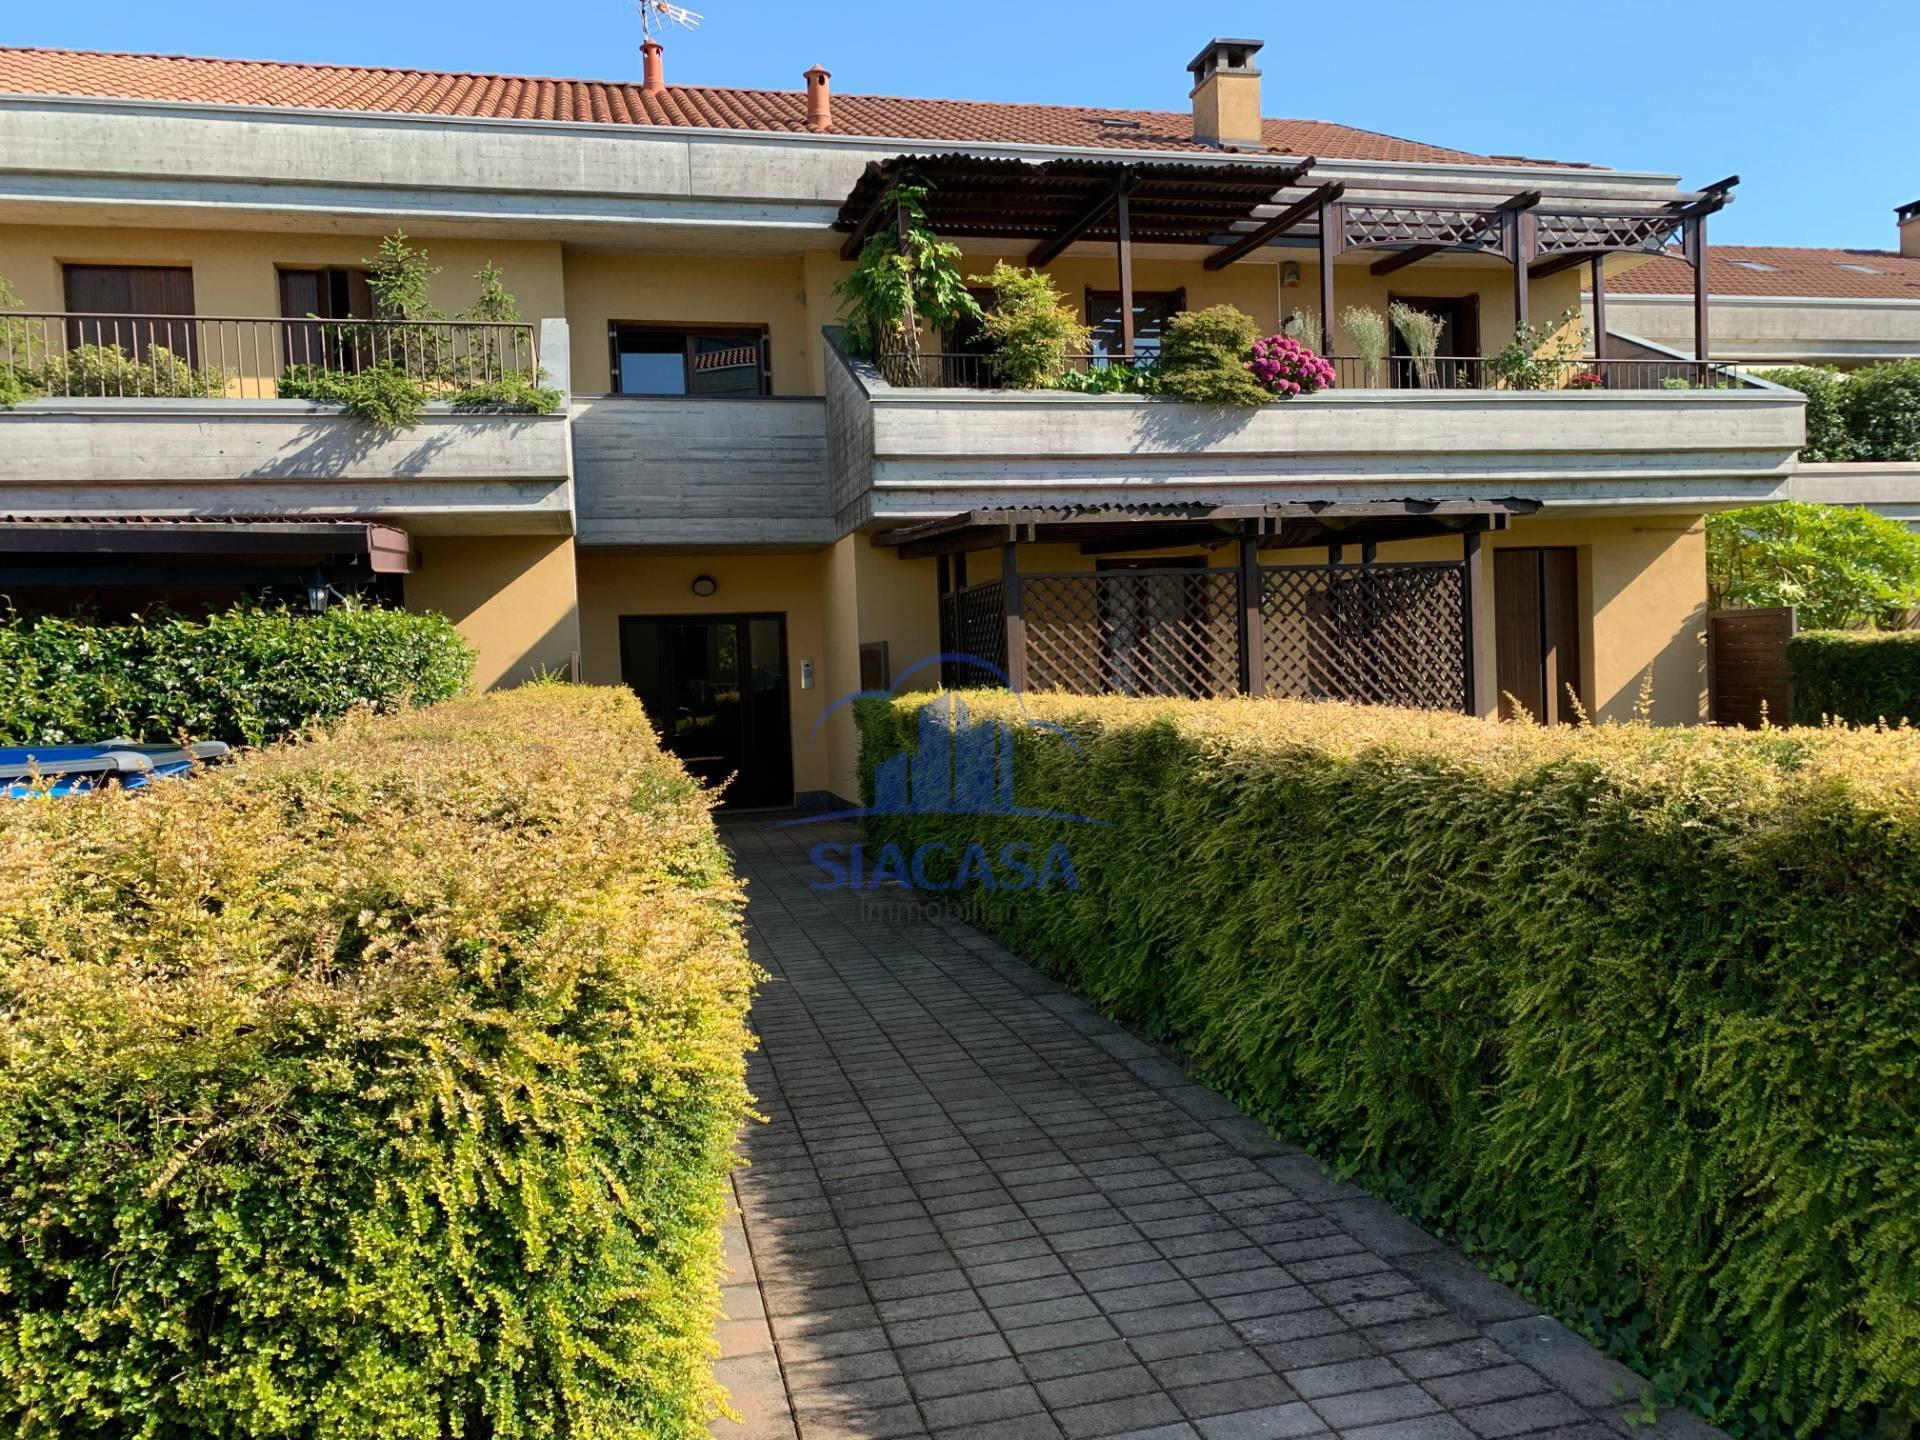 Appartamento in vendita a Cornate d'Adda, 3 locali, prezzo € 159.000 | PortaleAgenzieImmobiliari.it